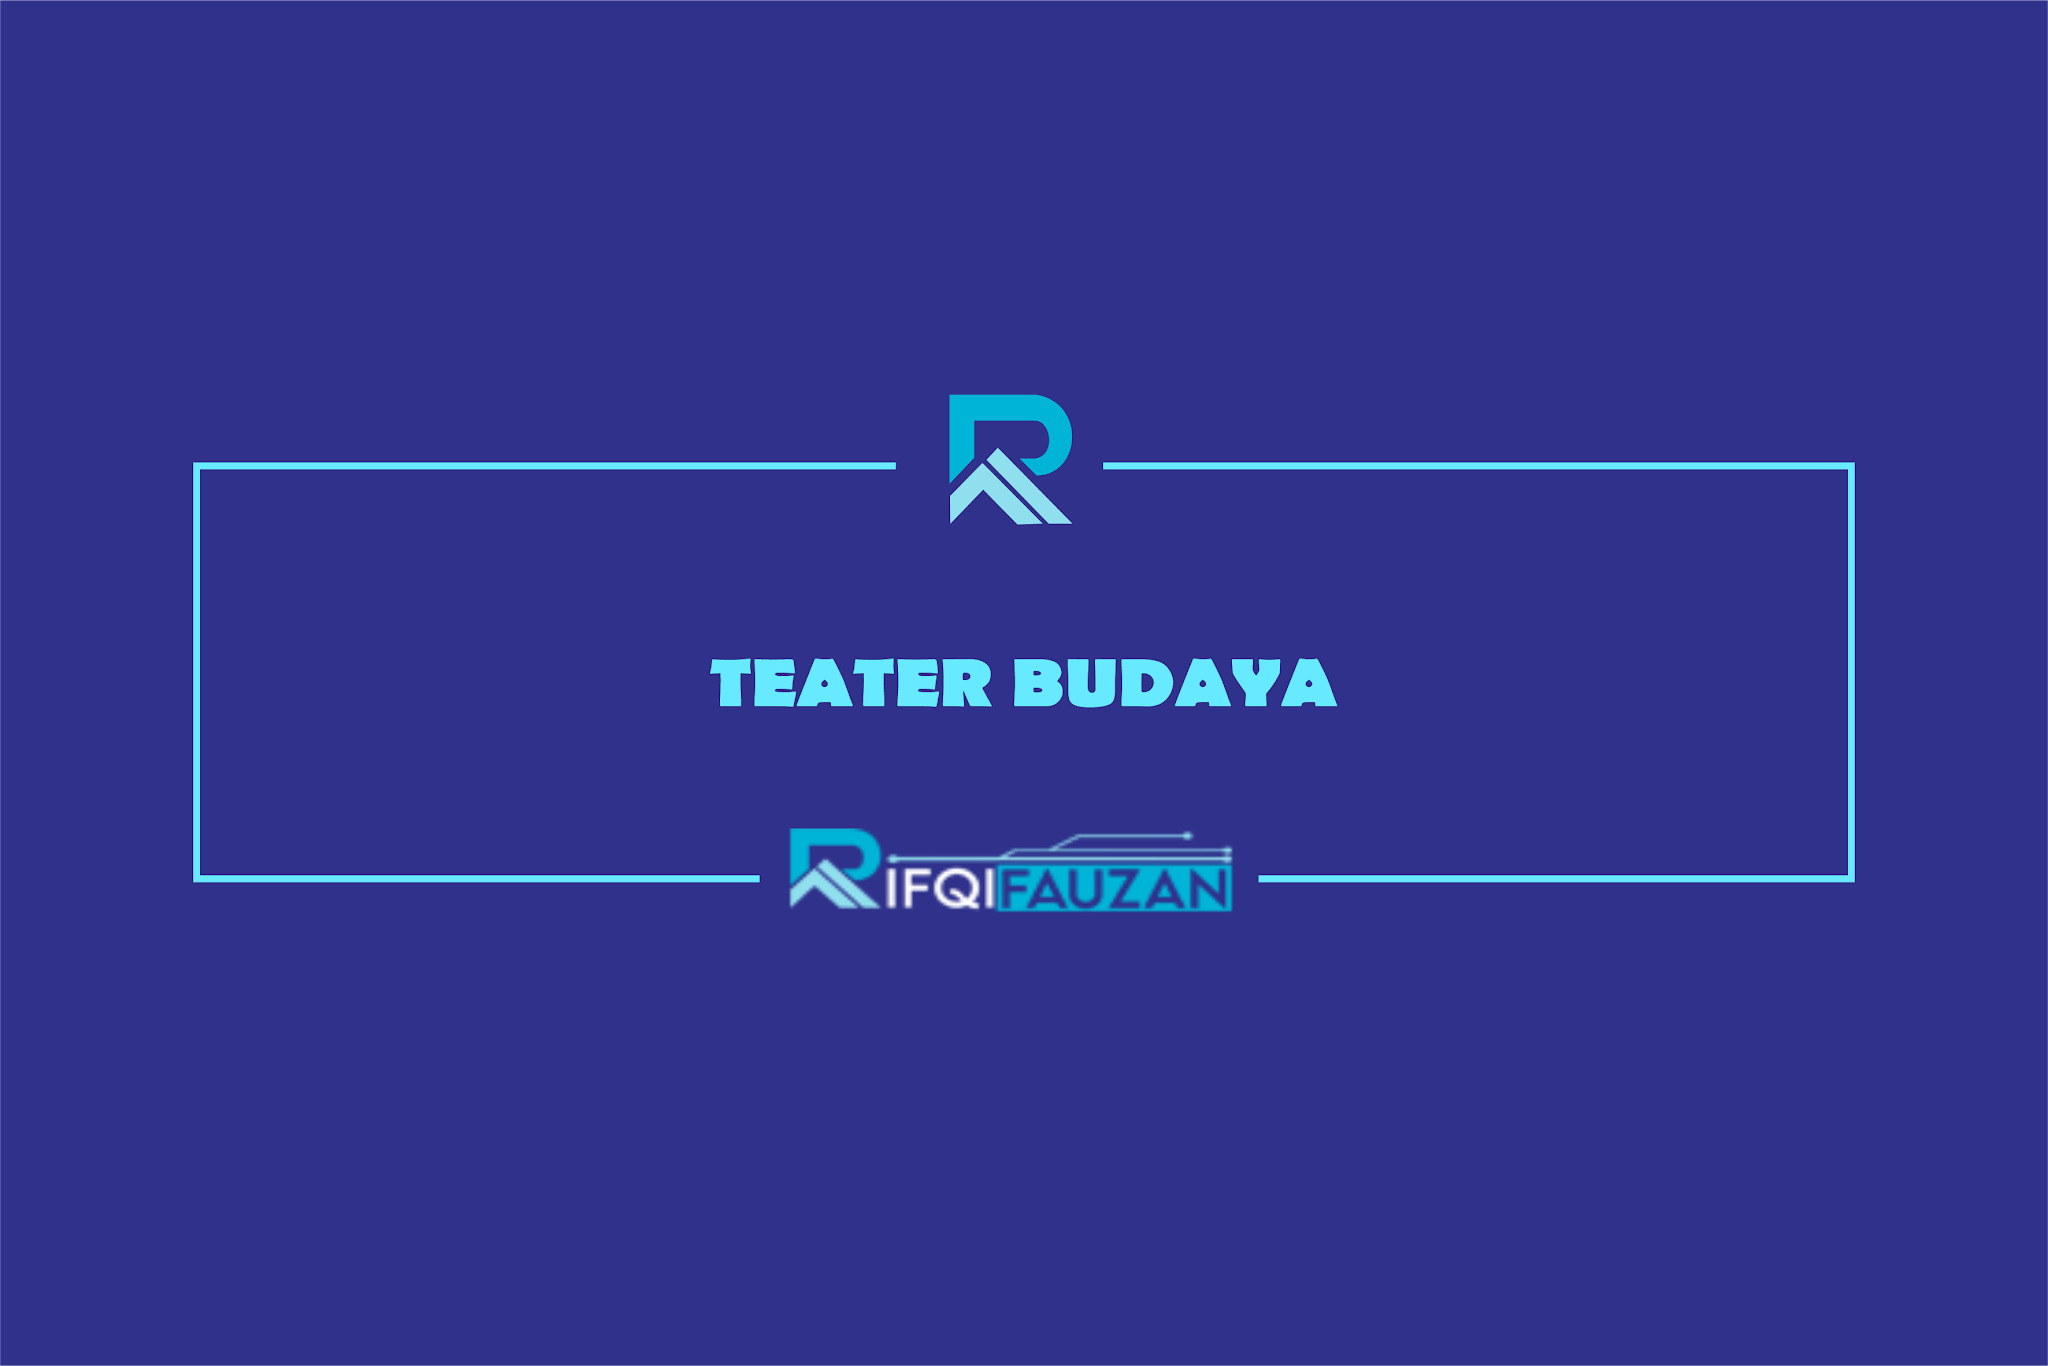 mengenal teater budaya